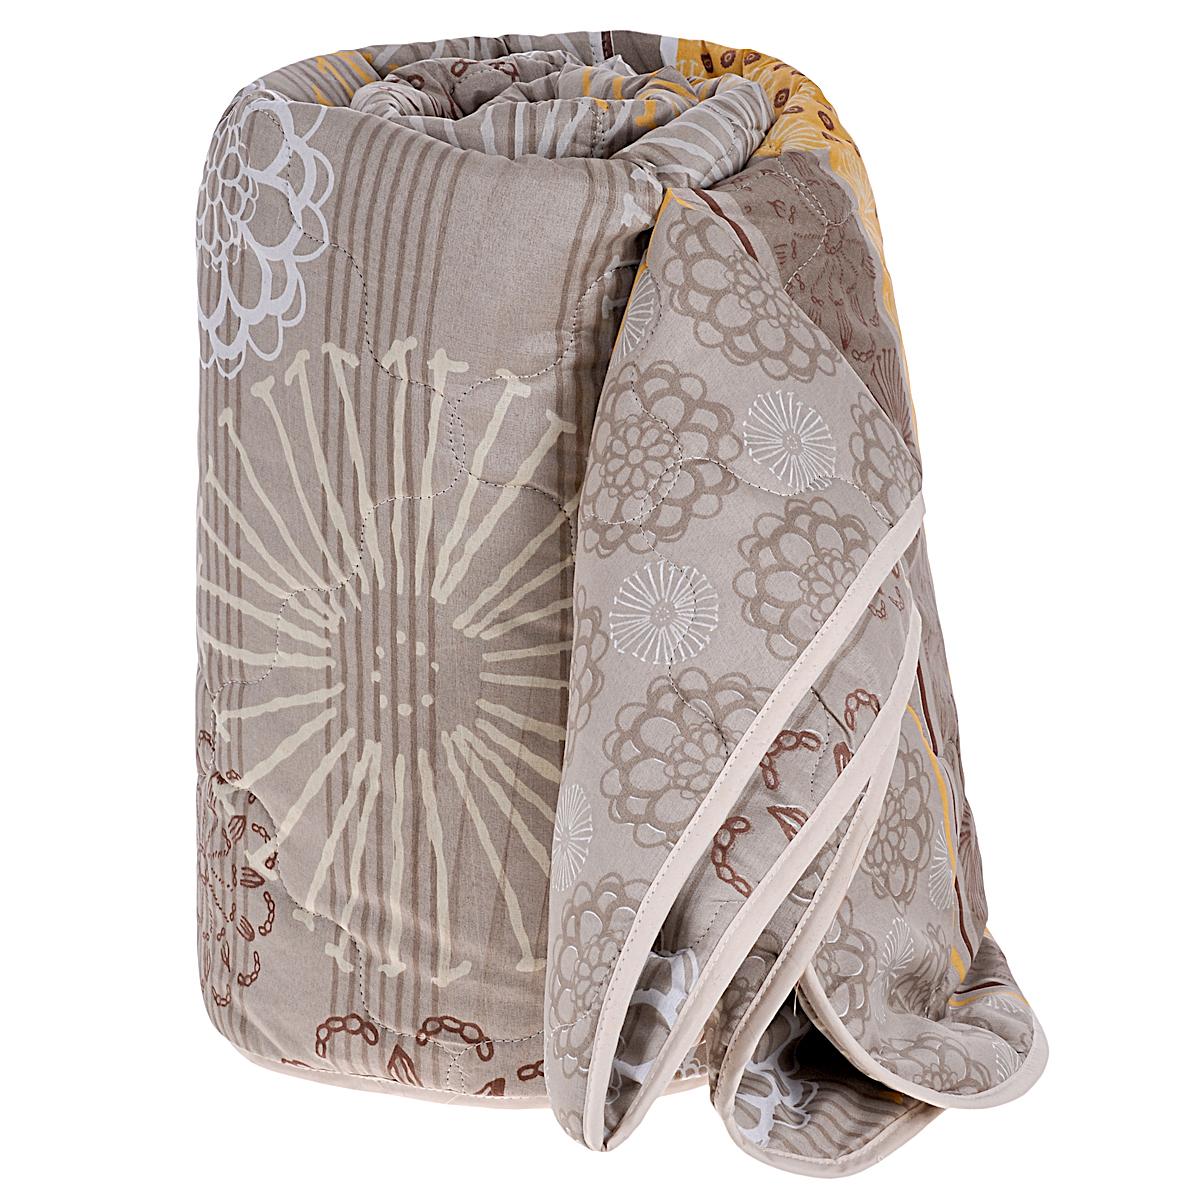 Одеяло всесезонное OL-Tex Miotex, наполнитель: полиэфирное волокно Holfiteks, цвет: серый, 172 см х 205 смS03301004Всесезонное одеяло OL-Tex Miotex создаст комфорт и уют во время сна. Стеганый чехол выполнен из полиэстера и оформлен красивым цветочным рисунком. Внутри - современный наполнитель из полиэфирного высокосиликонизированного волокна Holfiteks, упругий и качественный. Холфитекс - современный экологически чистый синтетический материал, изготовленный по новейшим технологиям. Его уникальность заключается в расположении волокон, которые позволяют моментально восстанавливать форму и сохранять ее долгое время. Изделия с использованием Холфитекса очень удобны в эксплуатации - их можно часто стирать без потери потребительских свойств, они быстро высыхают, не впитывают запахов и совершенно гиппоаллергенны. Холфитекс также обеспечивает хорошую терморегуляцию, поэтому изделия с наполнителем из холфитекса очень комфортны в использовании. Одеяло с наполнителем Холфитекс порадует вас в любое время года. Оно комфортно согревает и создает отличный микроклимат. За одеялом легко ухаживать, можно стирать в стиральной машинке.Рекомендации по уходу:- Ручная и машинная стирка при температуре 30°С.- Не гладить.- Не отбеливать. - Нельзя отжимать и сушить в стиральной машине.- Сушить вертикально. Размер одеяла: 172 см х 205 см. Материал чехла: 100% полиэстер. Материал наполнителя: полиэфирное высокосиликонизированное волокно Holfiteks. Плотность: 300 г/м2.